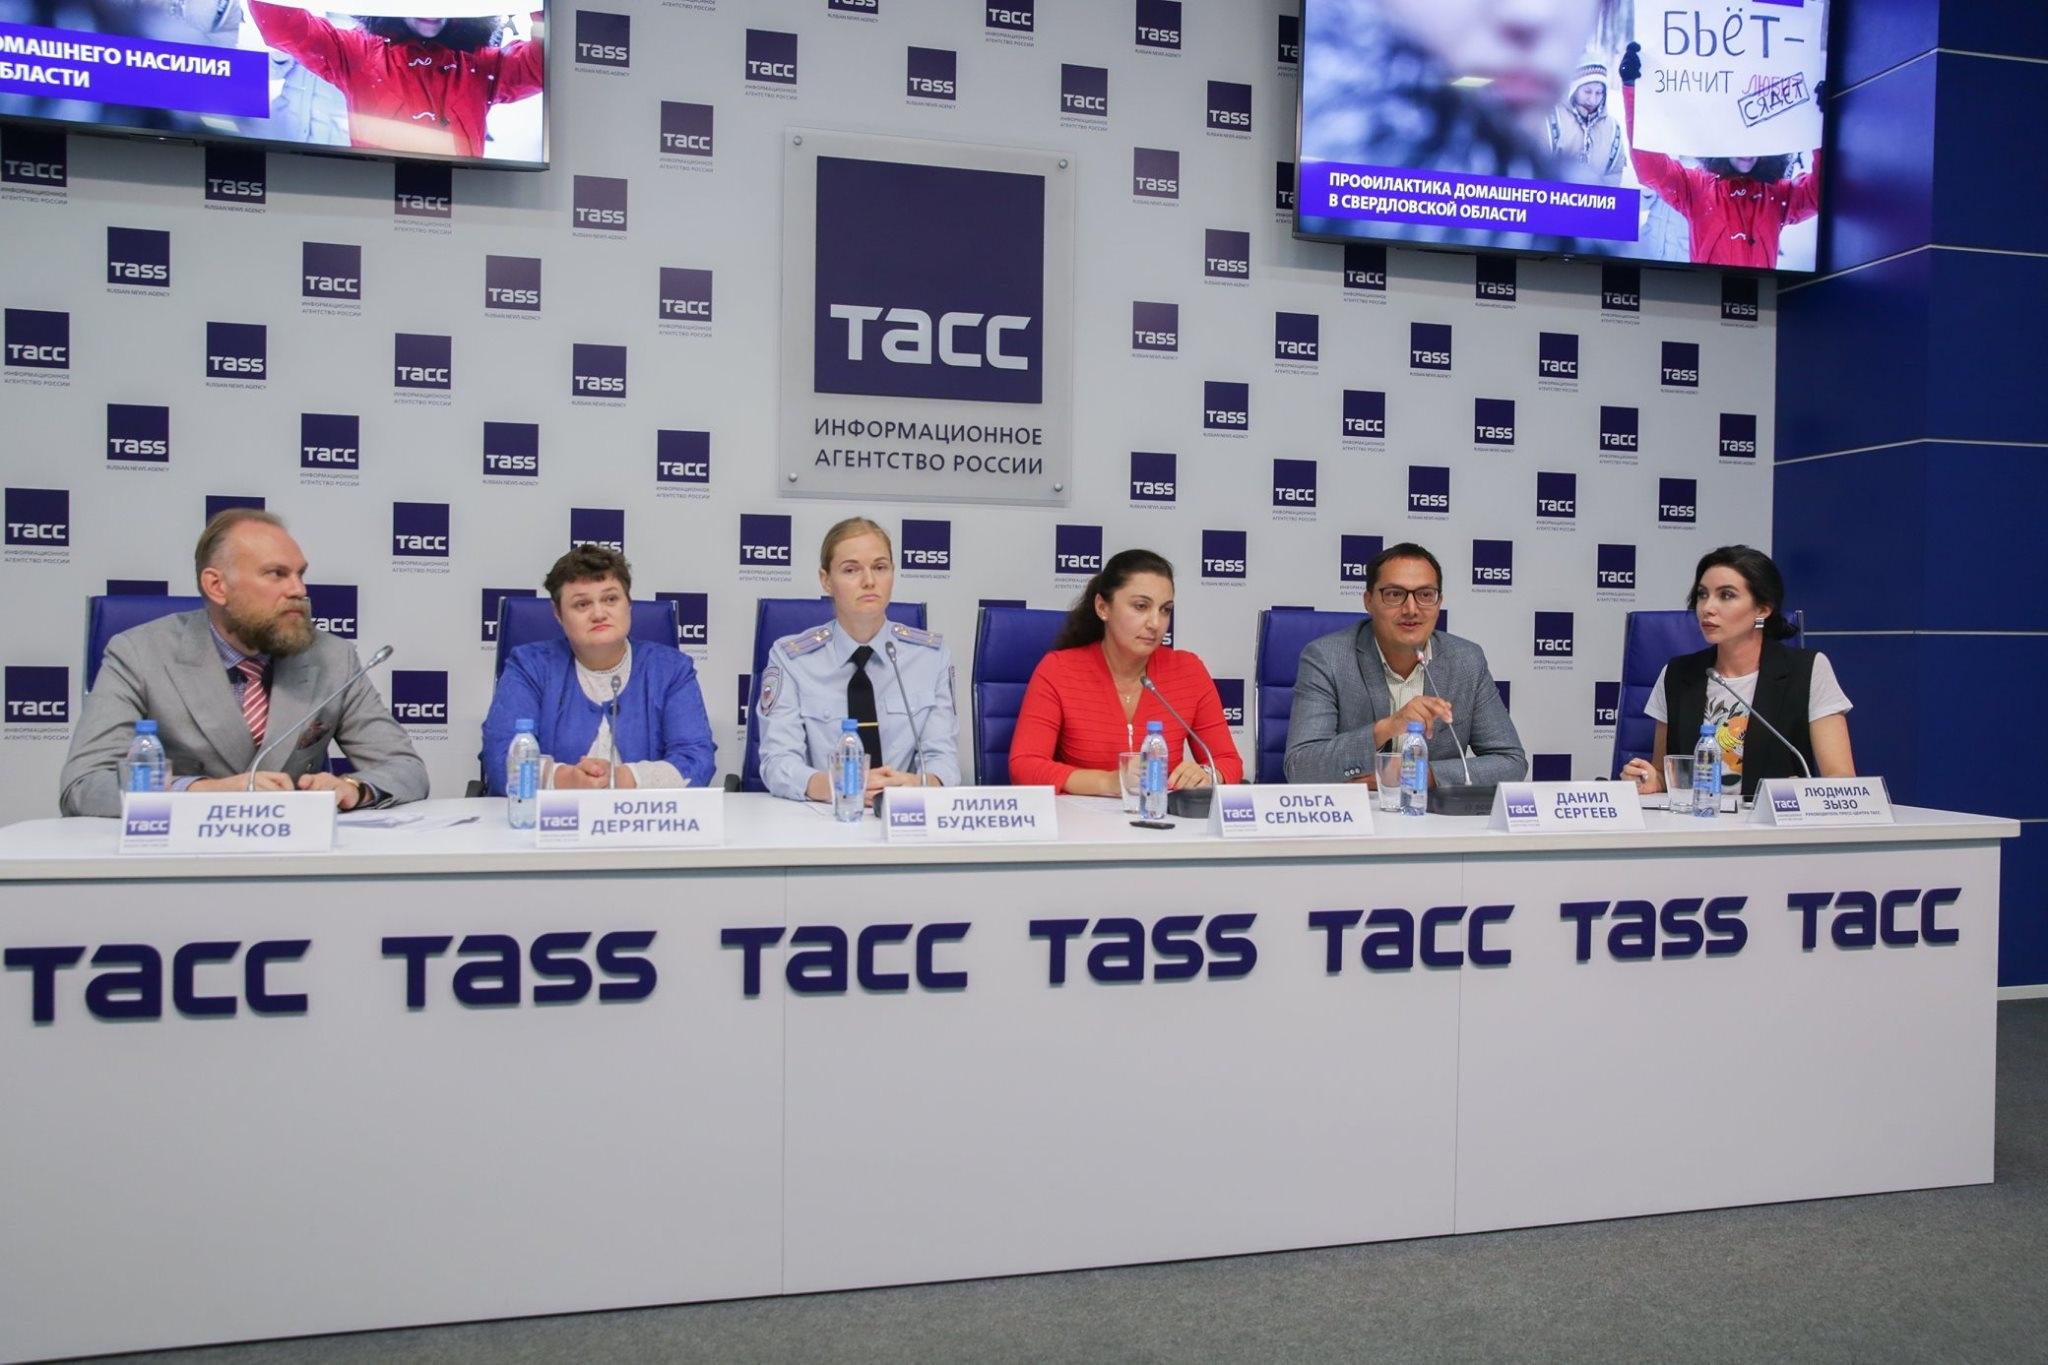 Фото: ТАСС/Иван Новиков